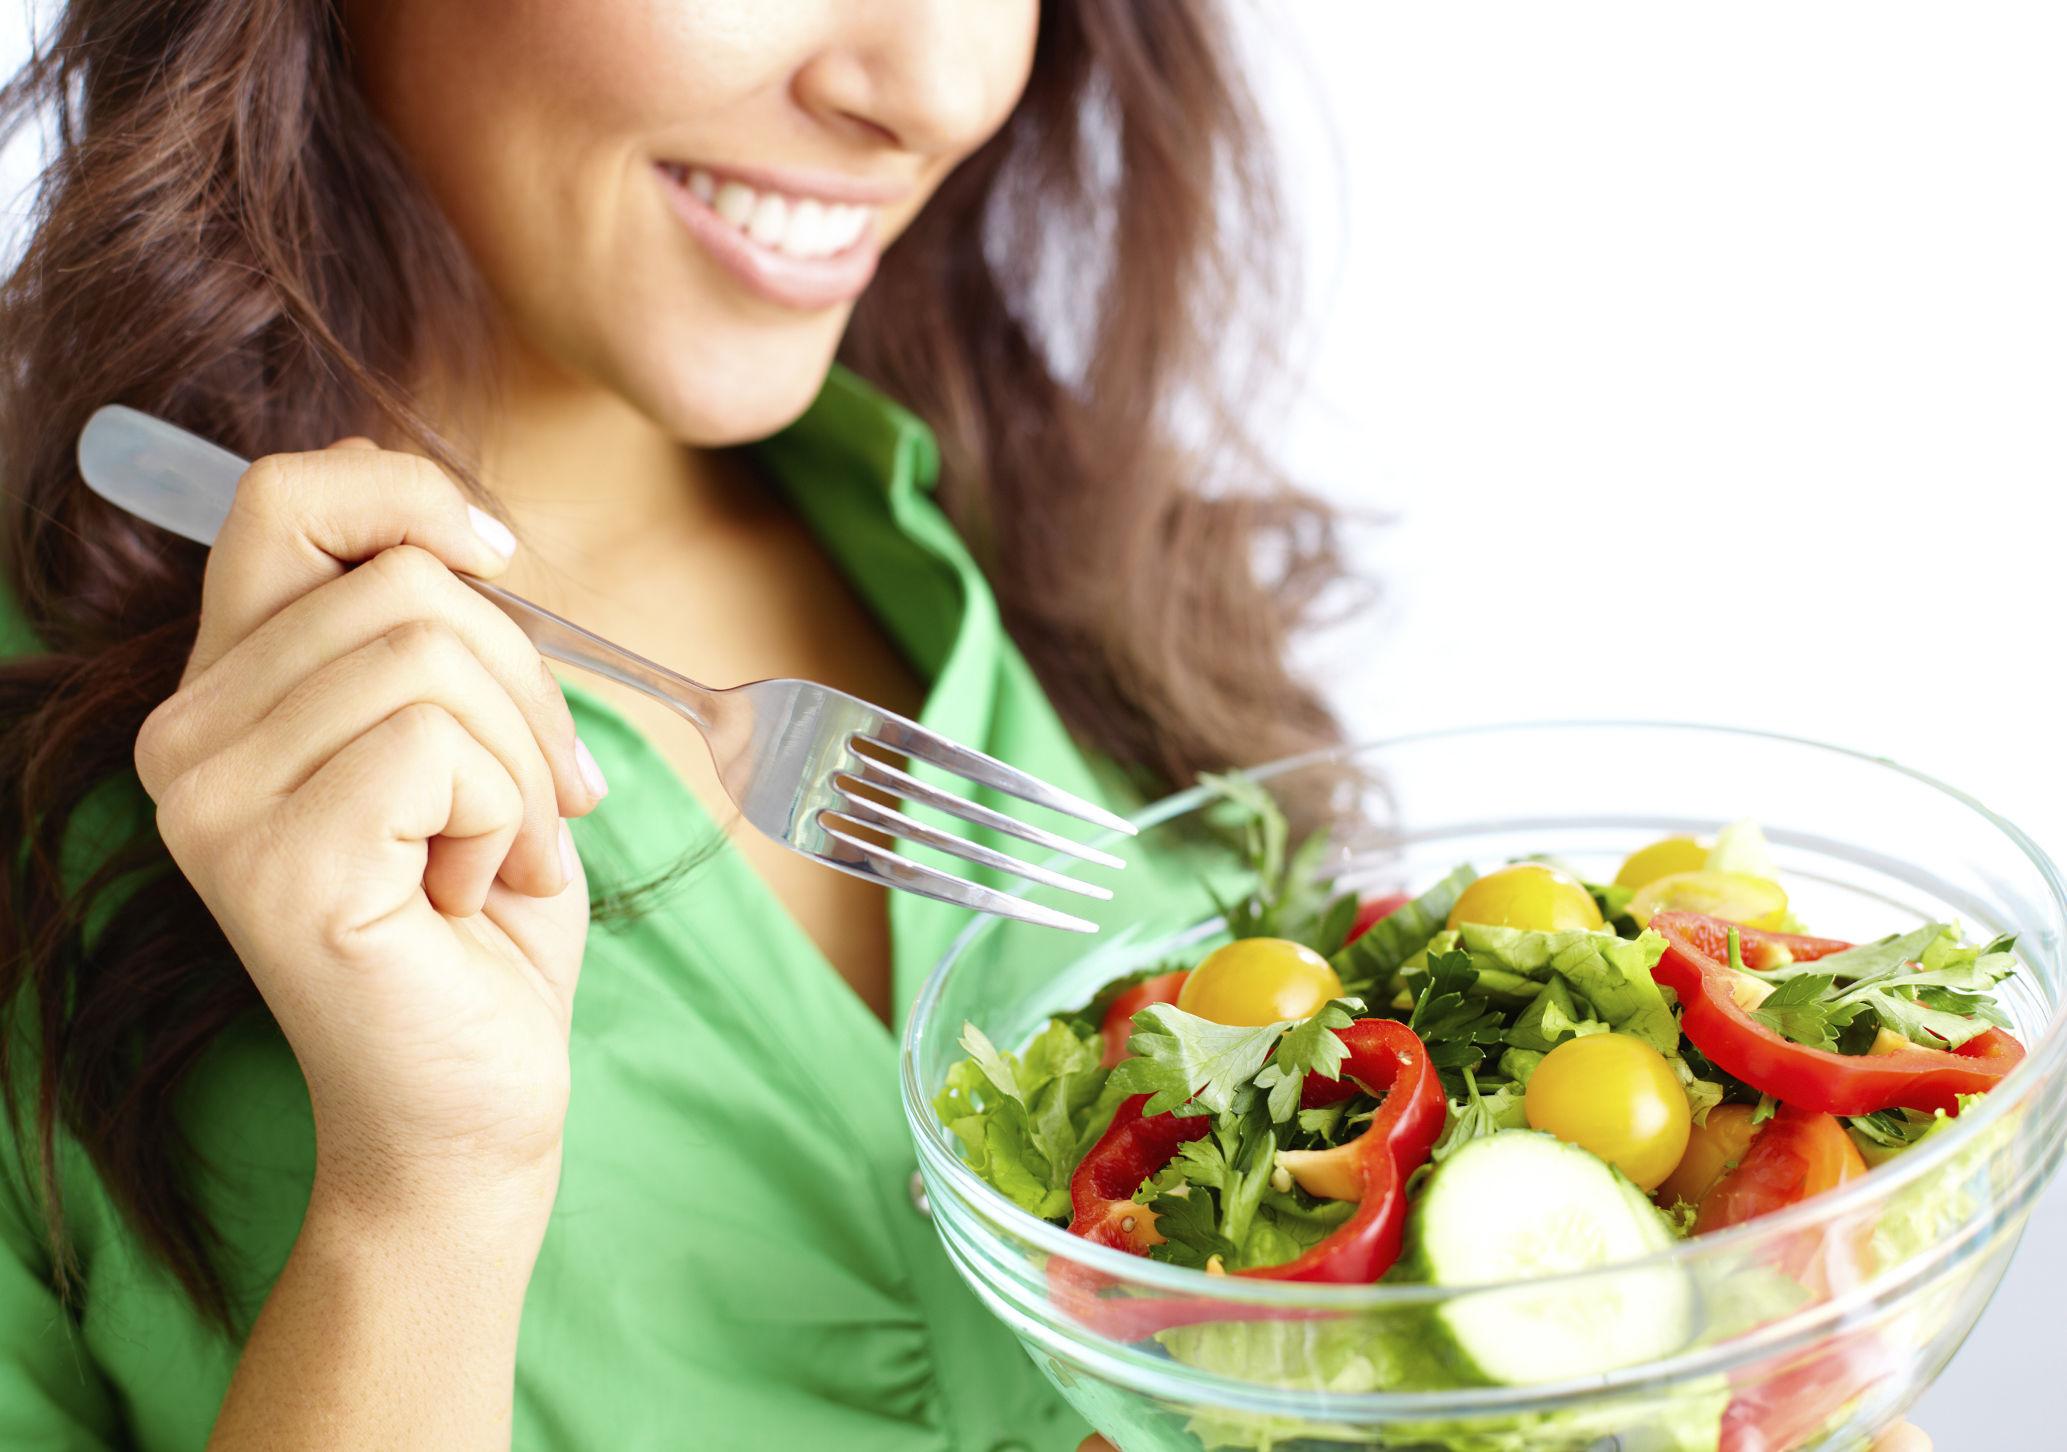 dieta saudavel e equilibrada